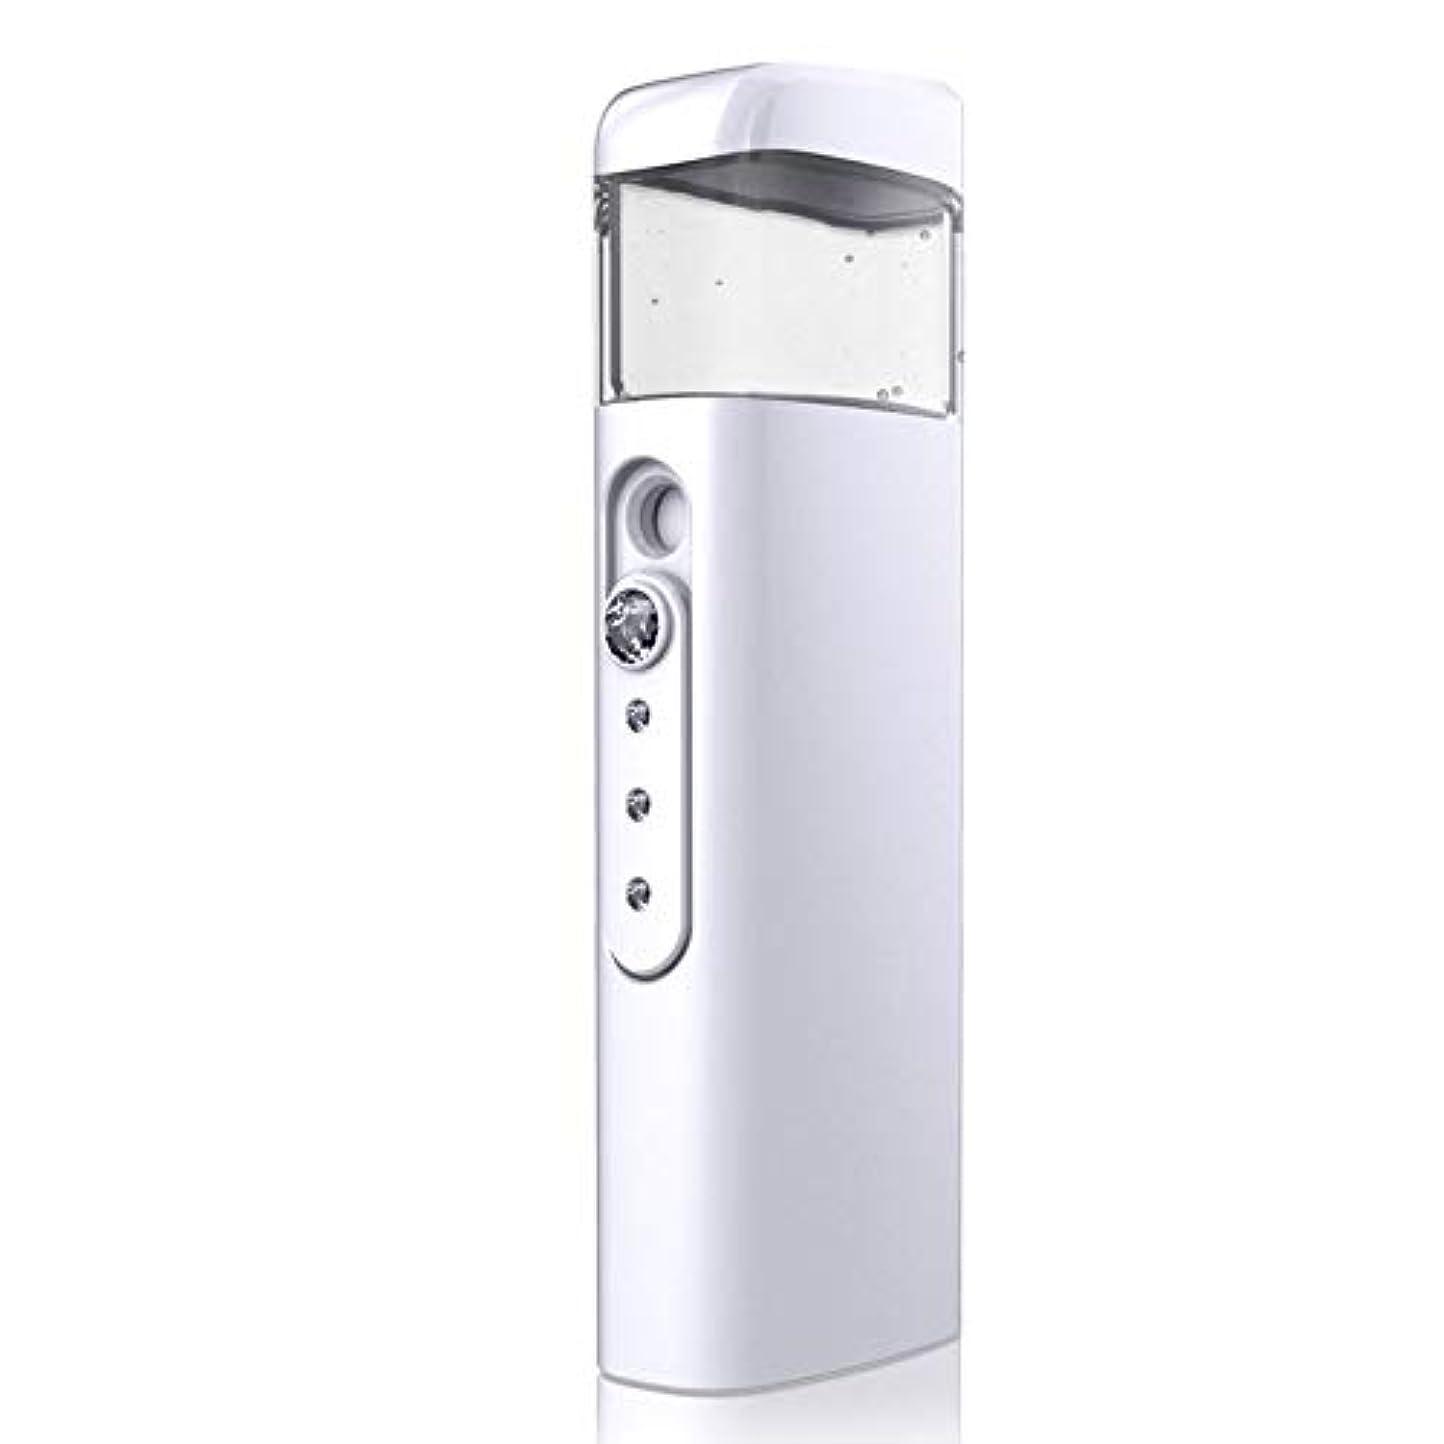 見込み確率補体30ml視覚水Makeが付いている携帯用顔の保湿のスプレーヤー、スキンケア、構造、まつげ延長、旅行のための保湿及び水和 (Color : White)